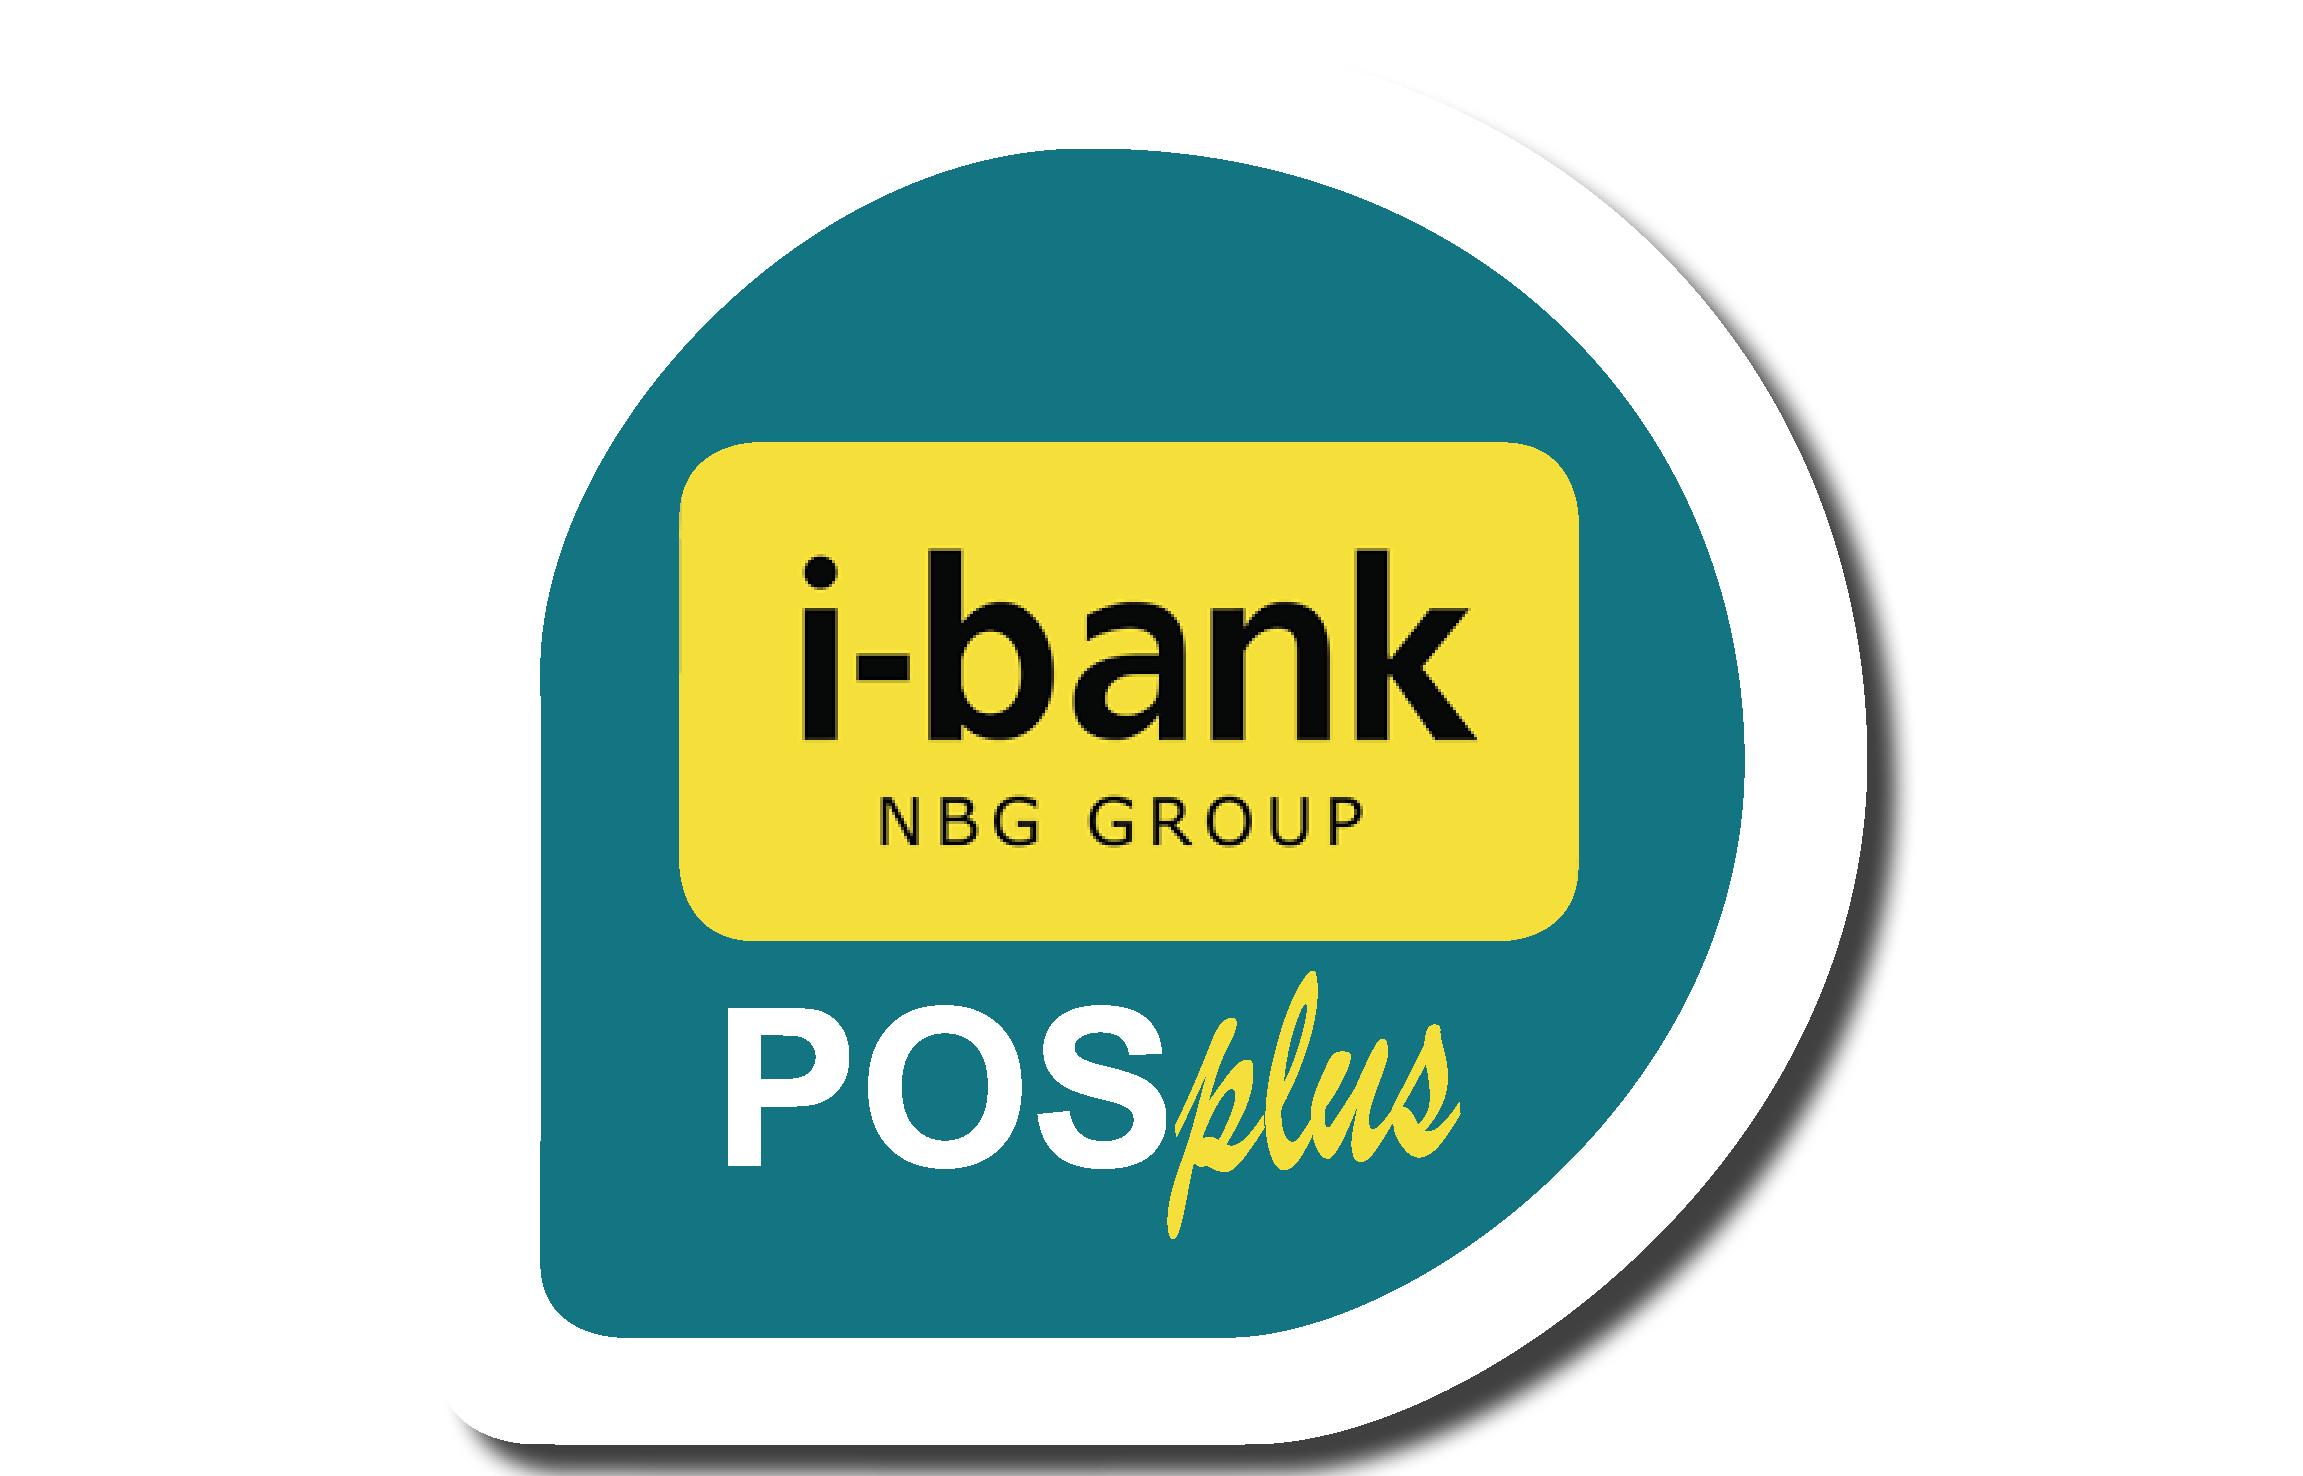 Εθνική Τράπεζα: Συνεργασία με τους βενζινοπώλες για τις ηλεκτρονικές πληρωμές